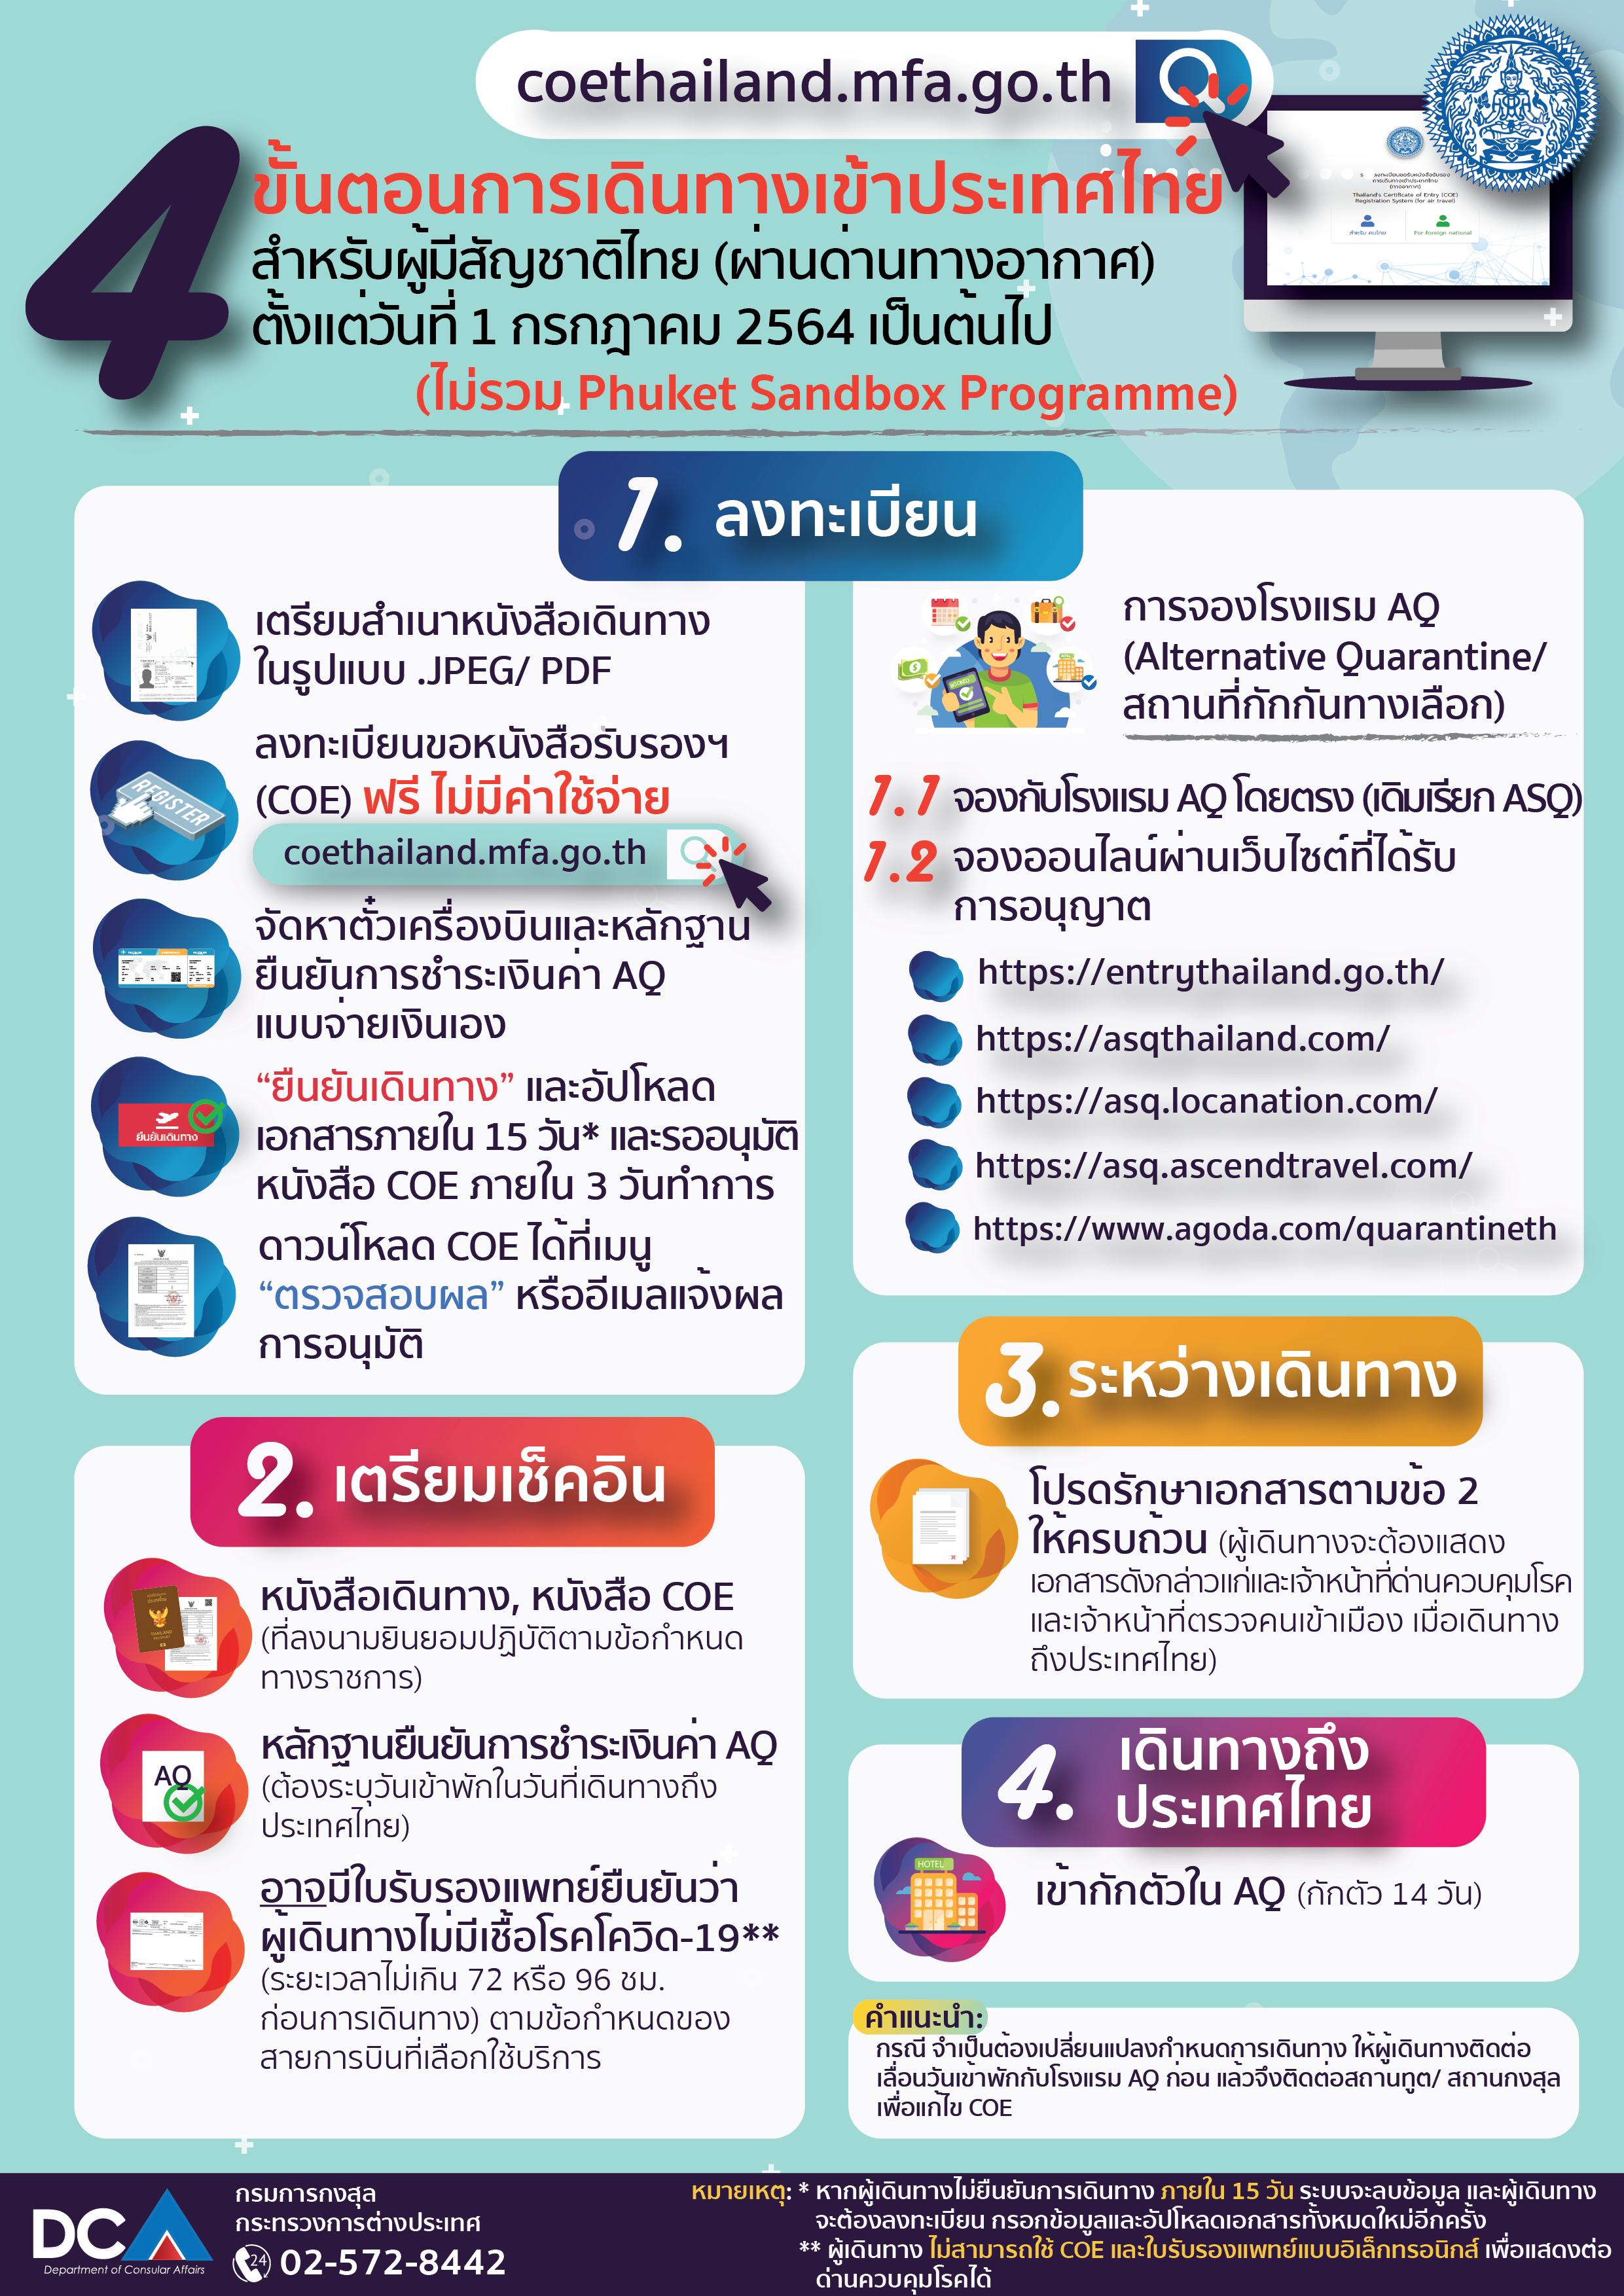 ข้อมูลสำหรับคนไทยที่จะเดินทางกลับประเทศไทย